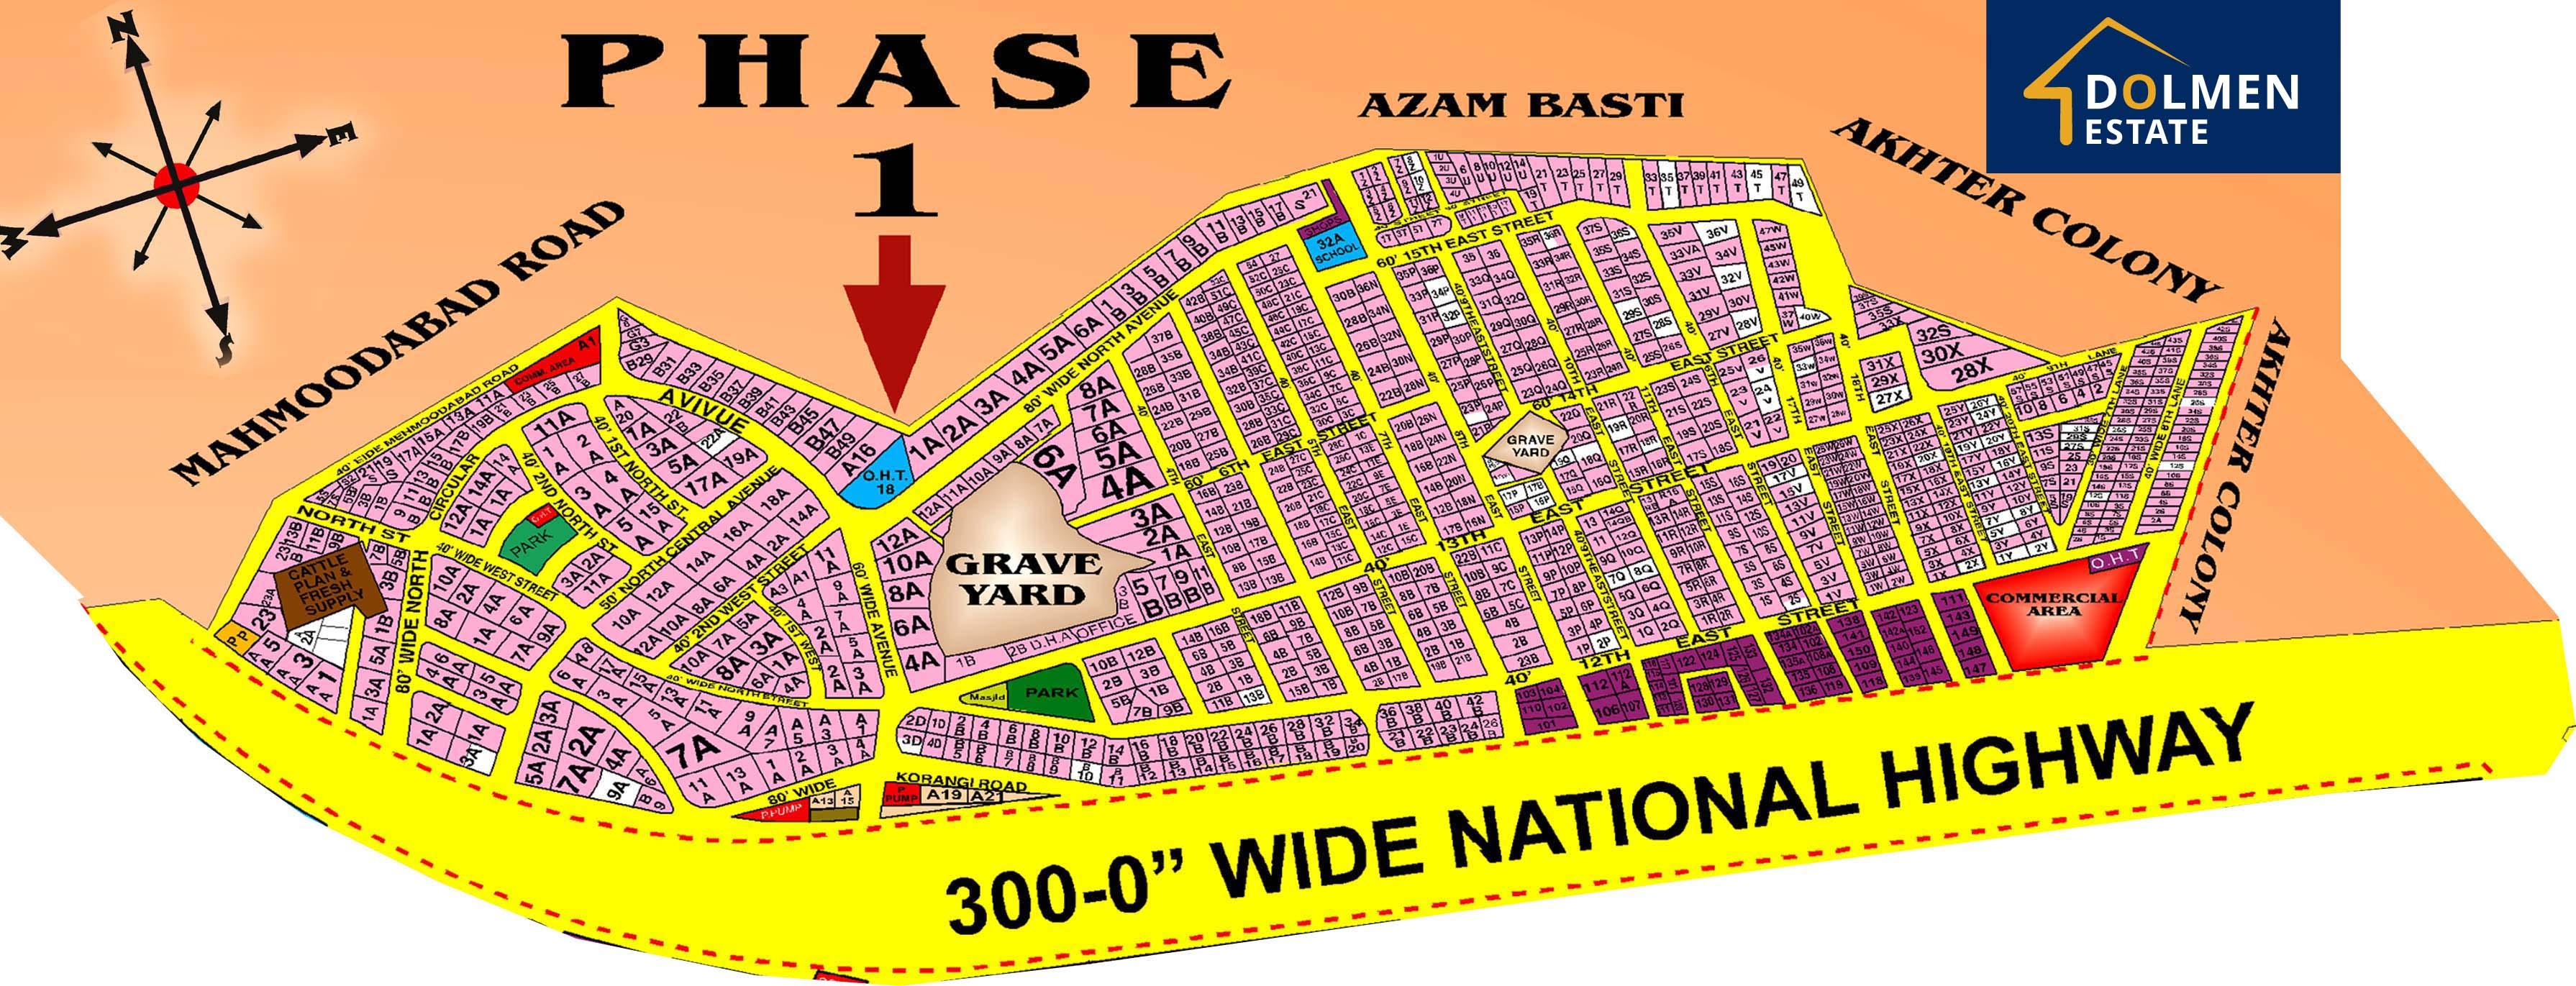 DHA-Karachi-Phase-1-Phase-I-Map